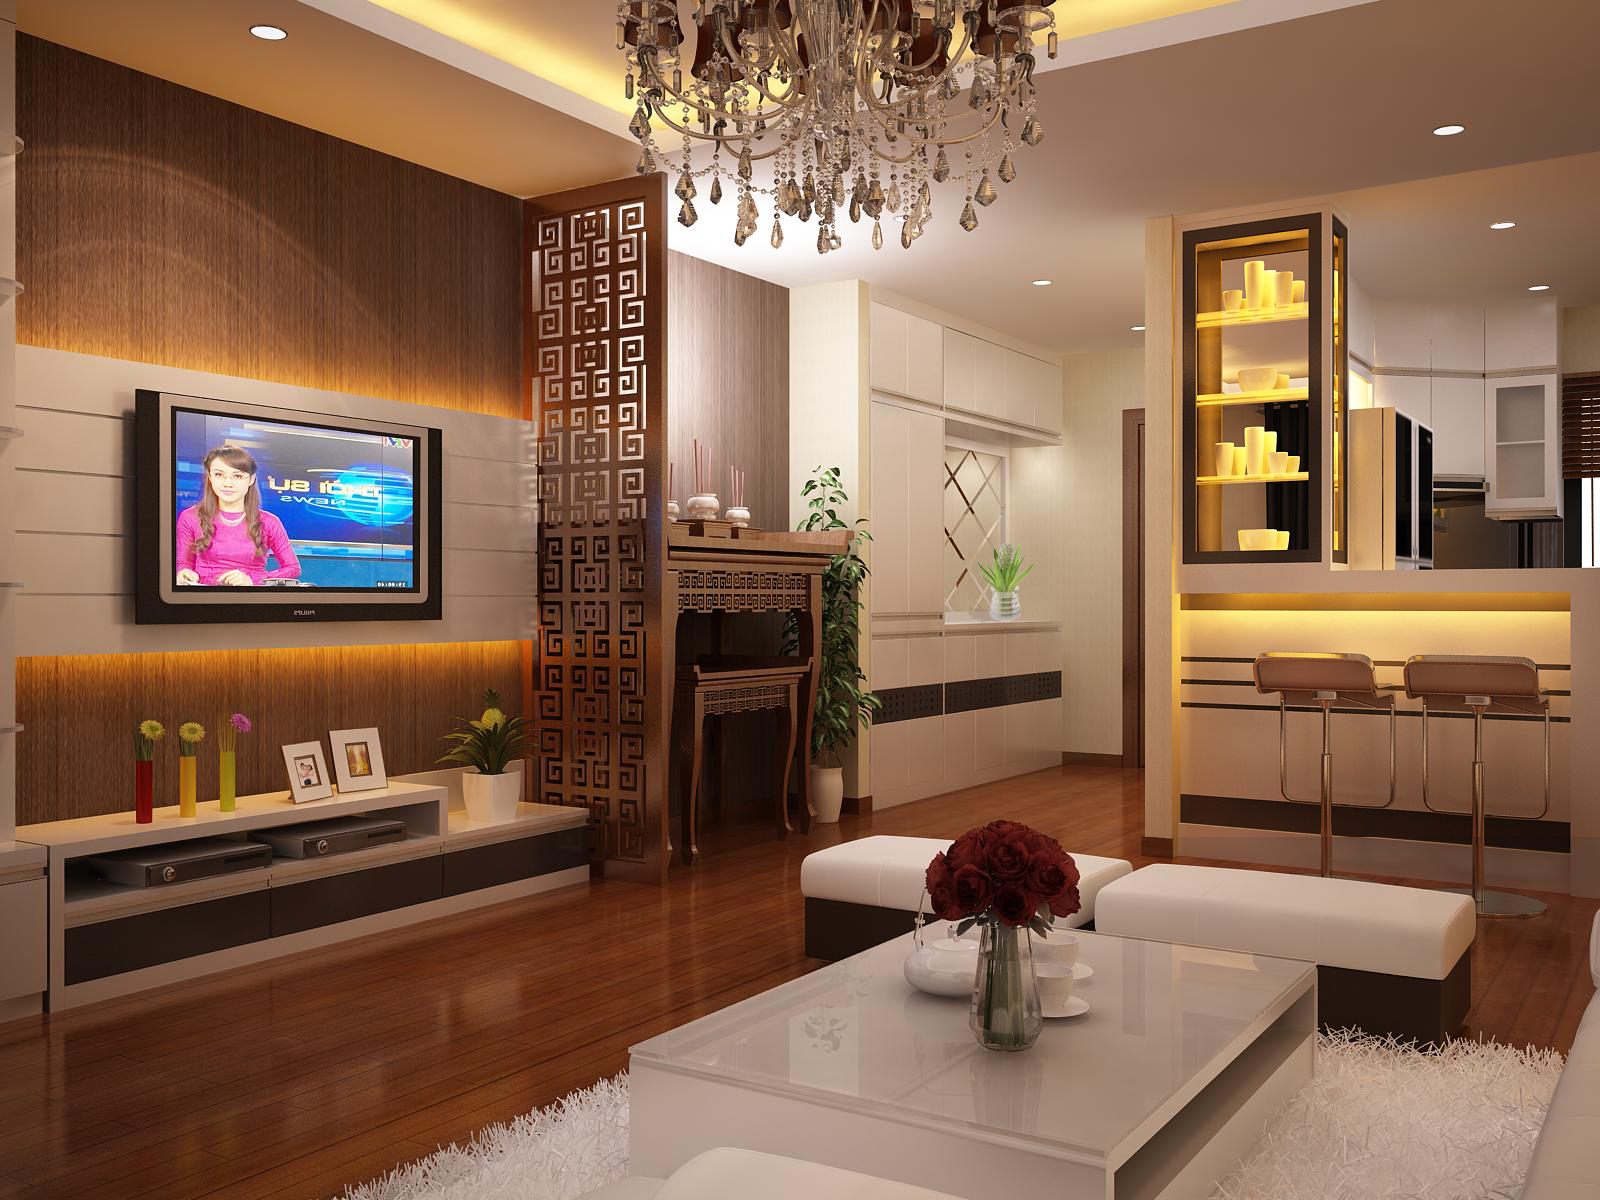 Thiết kế nội thất chung cư mini đẹp